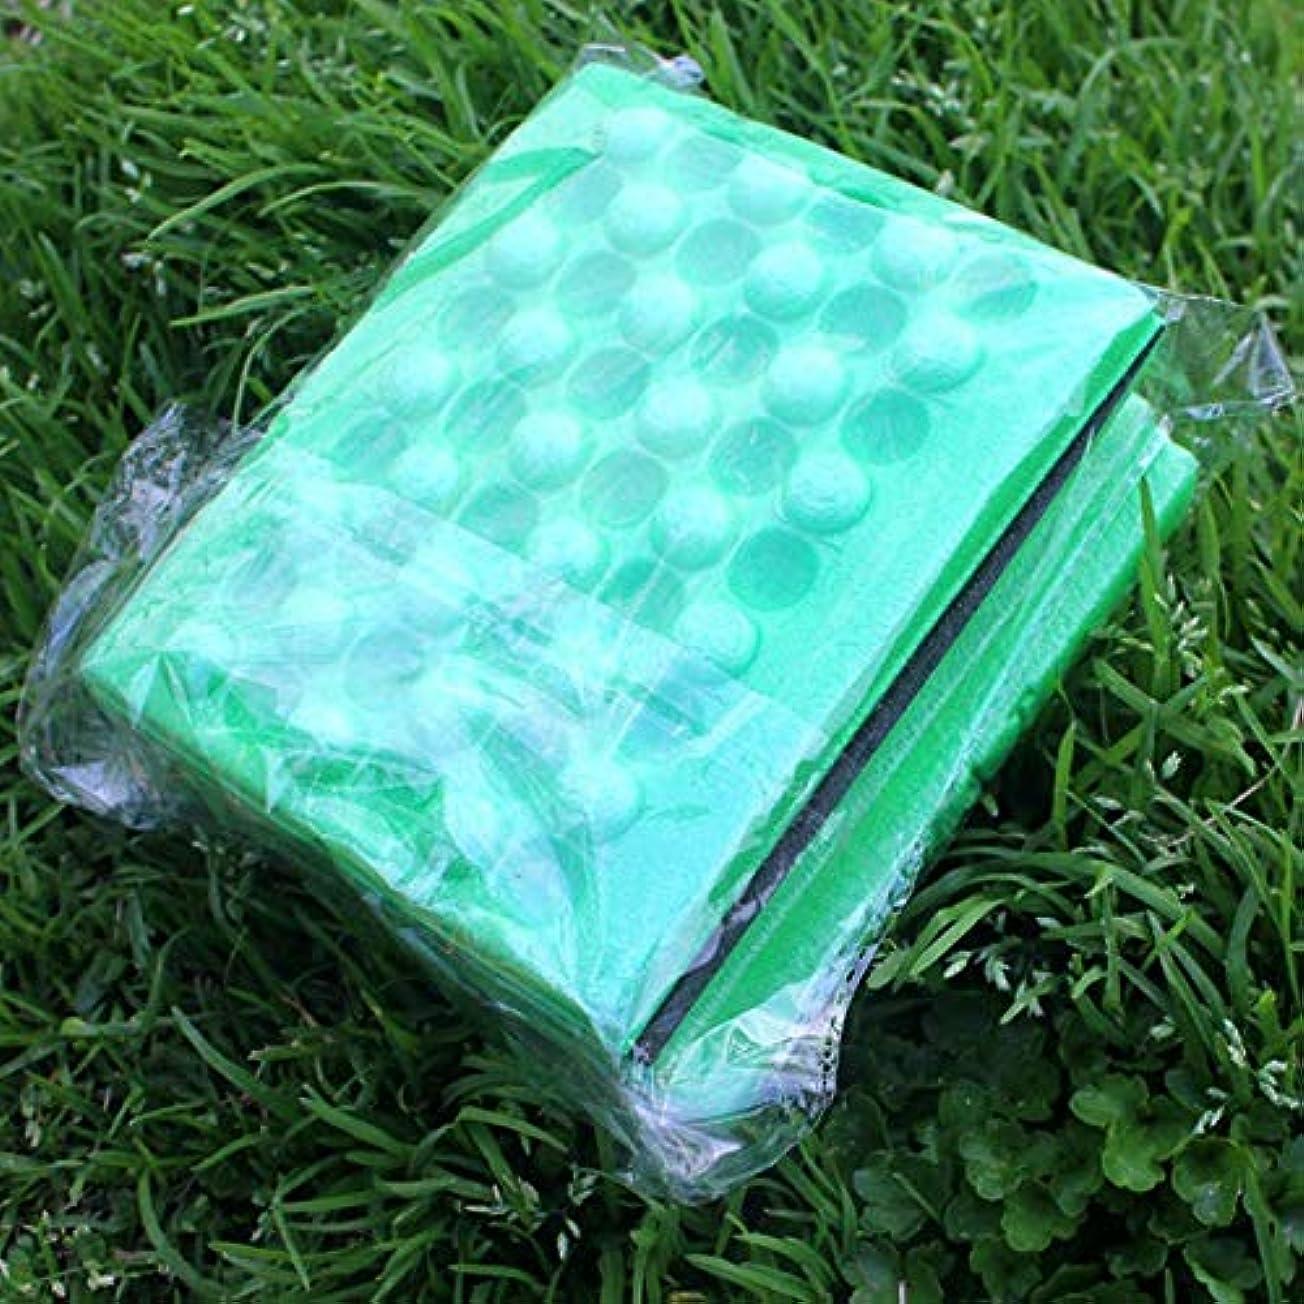 プロポーショナル持つ多様なLIFE 1 ピース防水マット折りたたみソフトパッドポータブル椅子ピクニックマットレスクッションガーデンバーベキューライトマット クッション 椅子